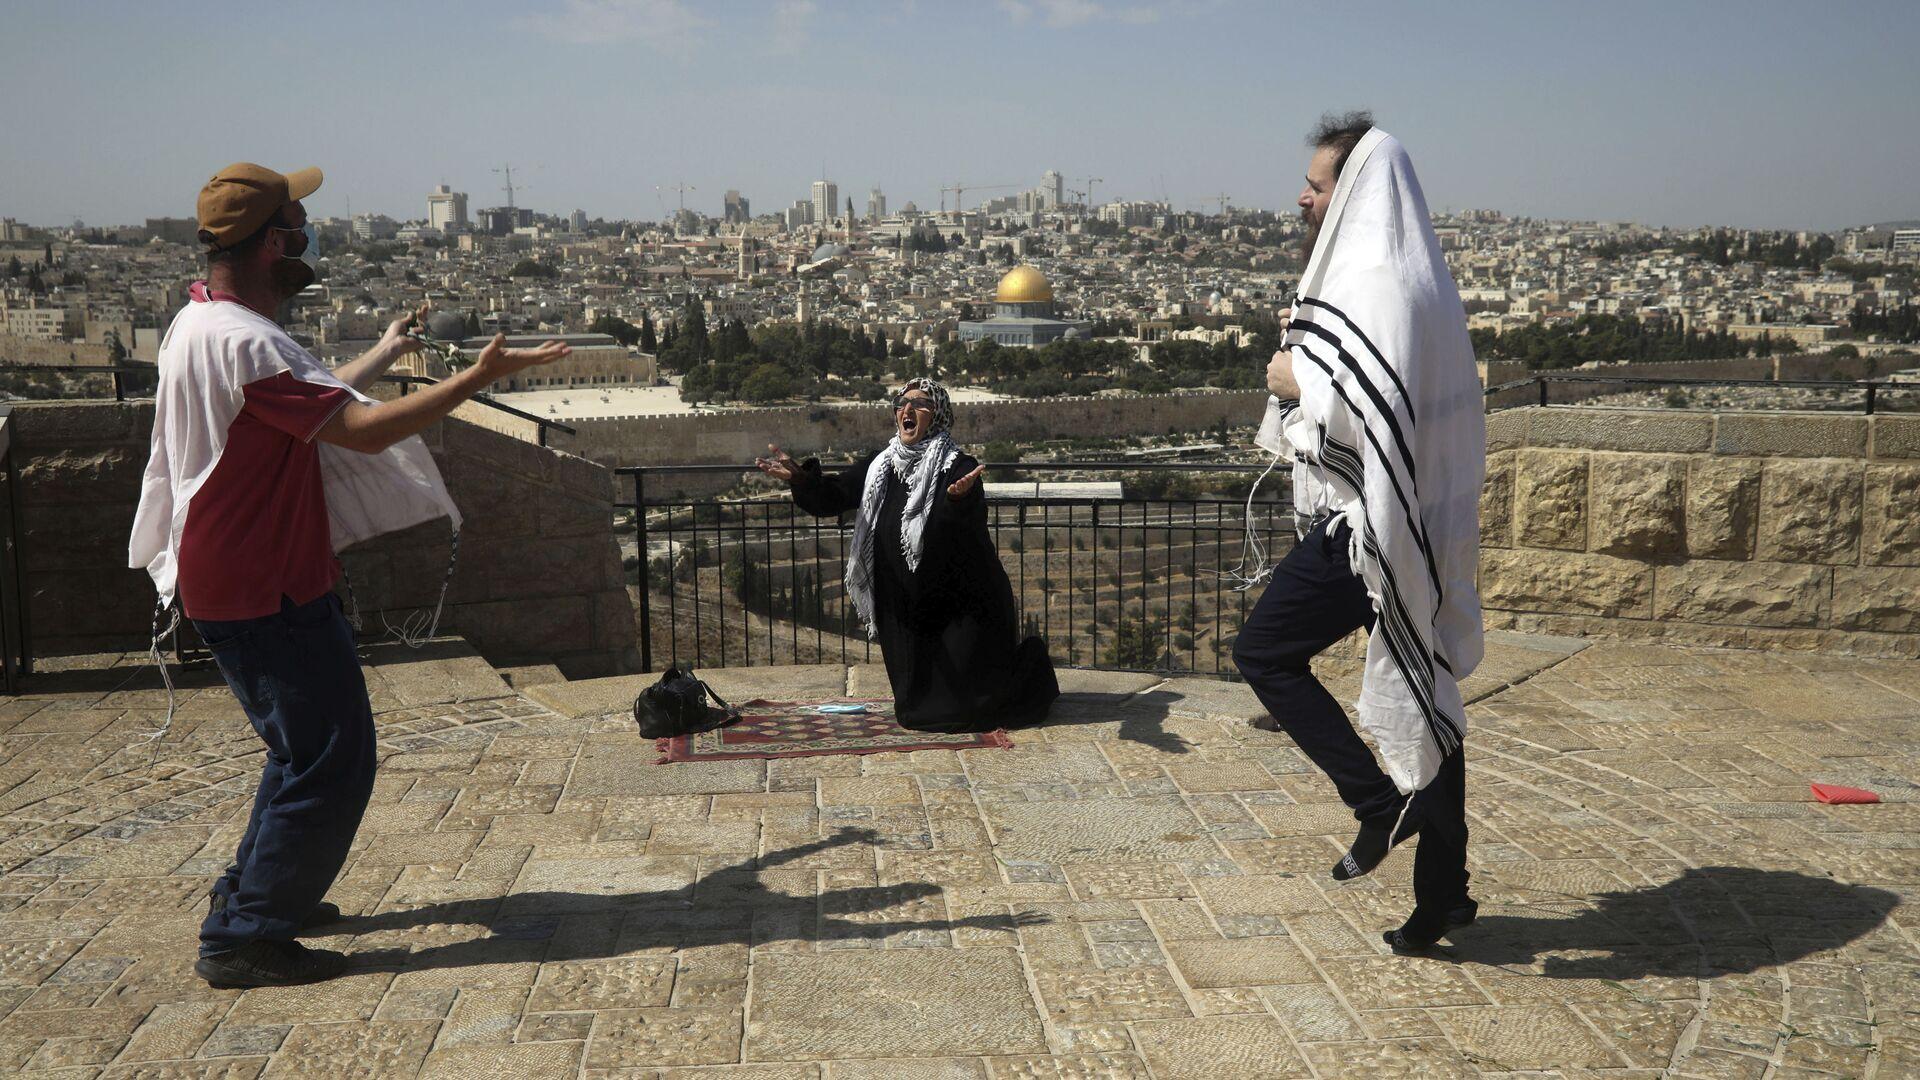 Пандемия COVID-19. Верующие евреи в масках во время праздника Суккот, Иерусалим, Израиль - Sputnik Грузия, 1920, 19.09.2021